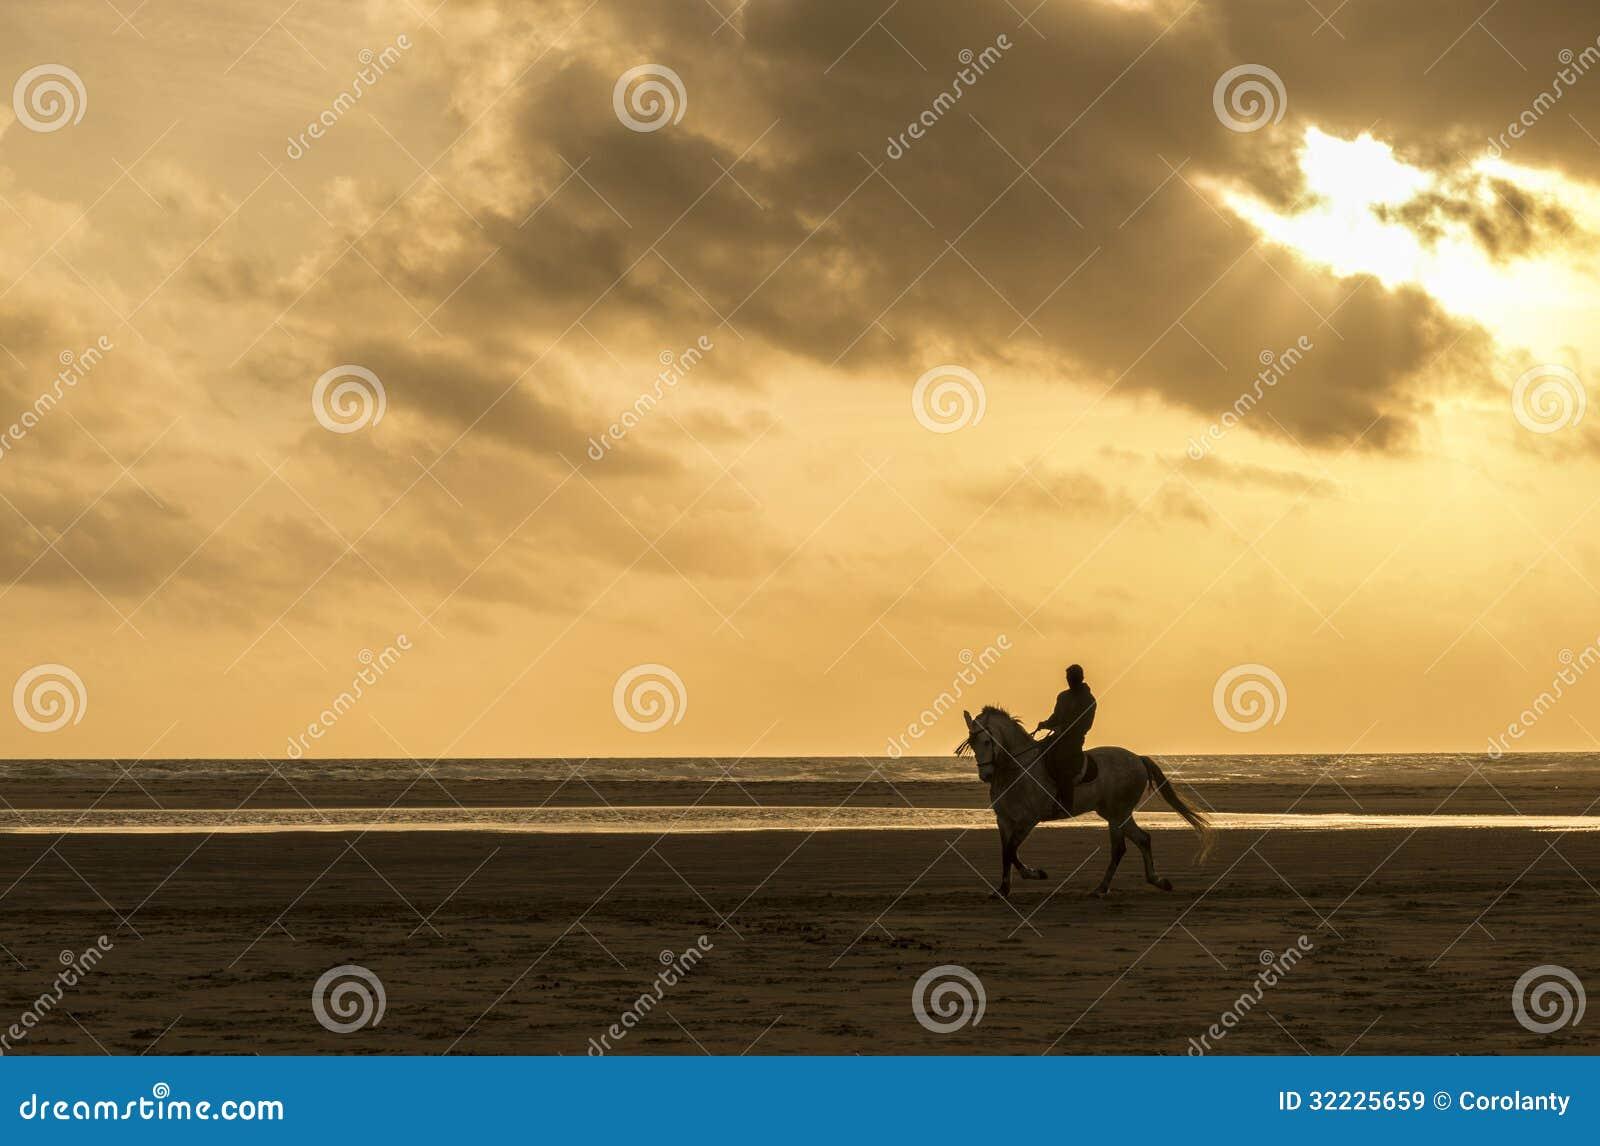 Download Equitação Do Homem Na Praia Imagem de Stock - Imagem de fundo, cópia: 32225659